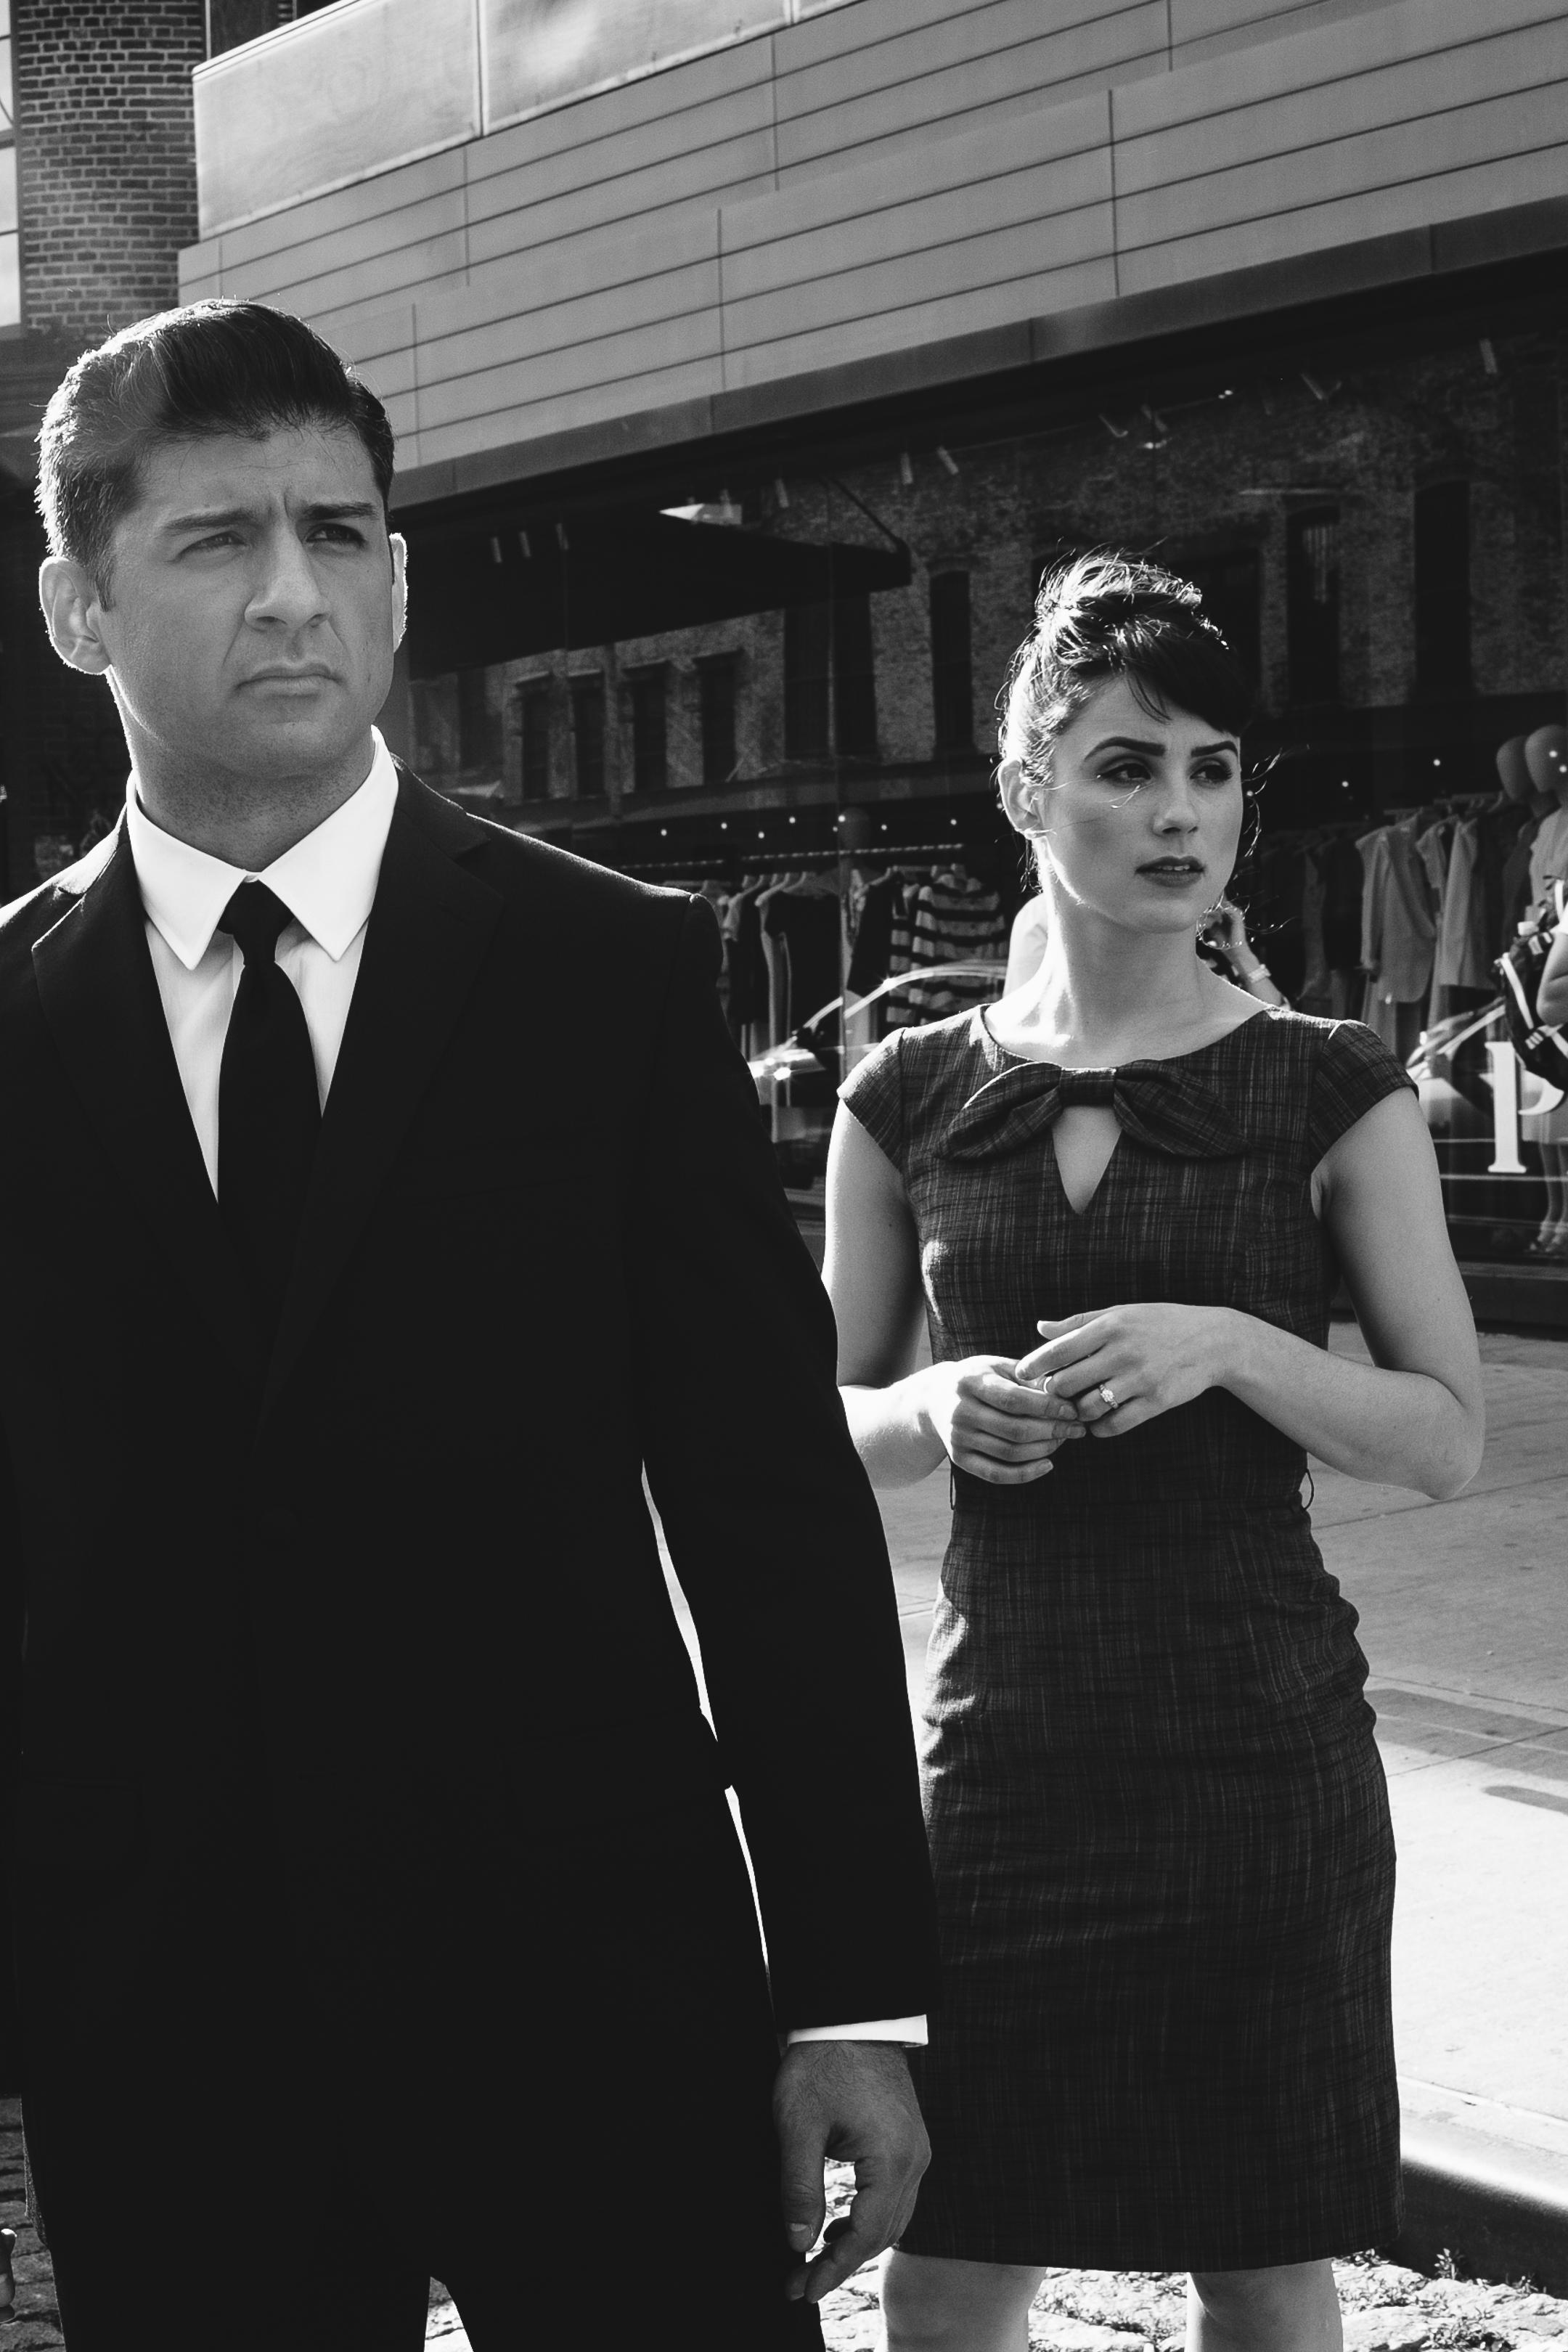 KATIE & TONY ENGAGEMENT